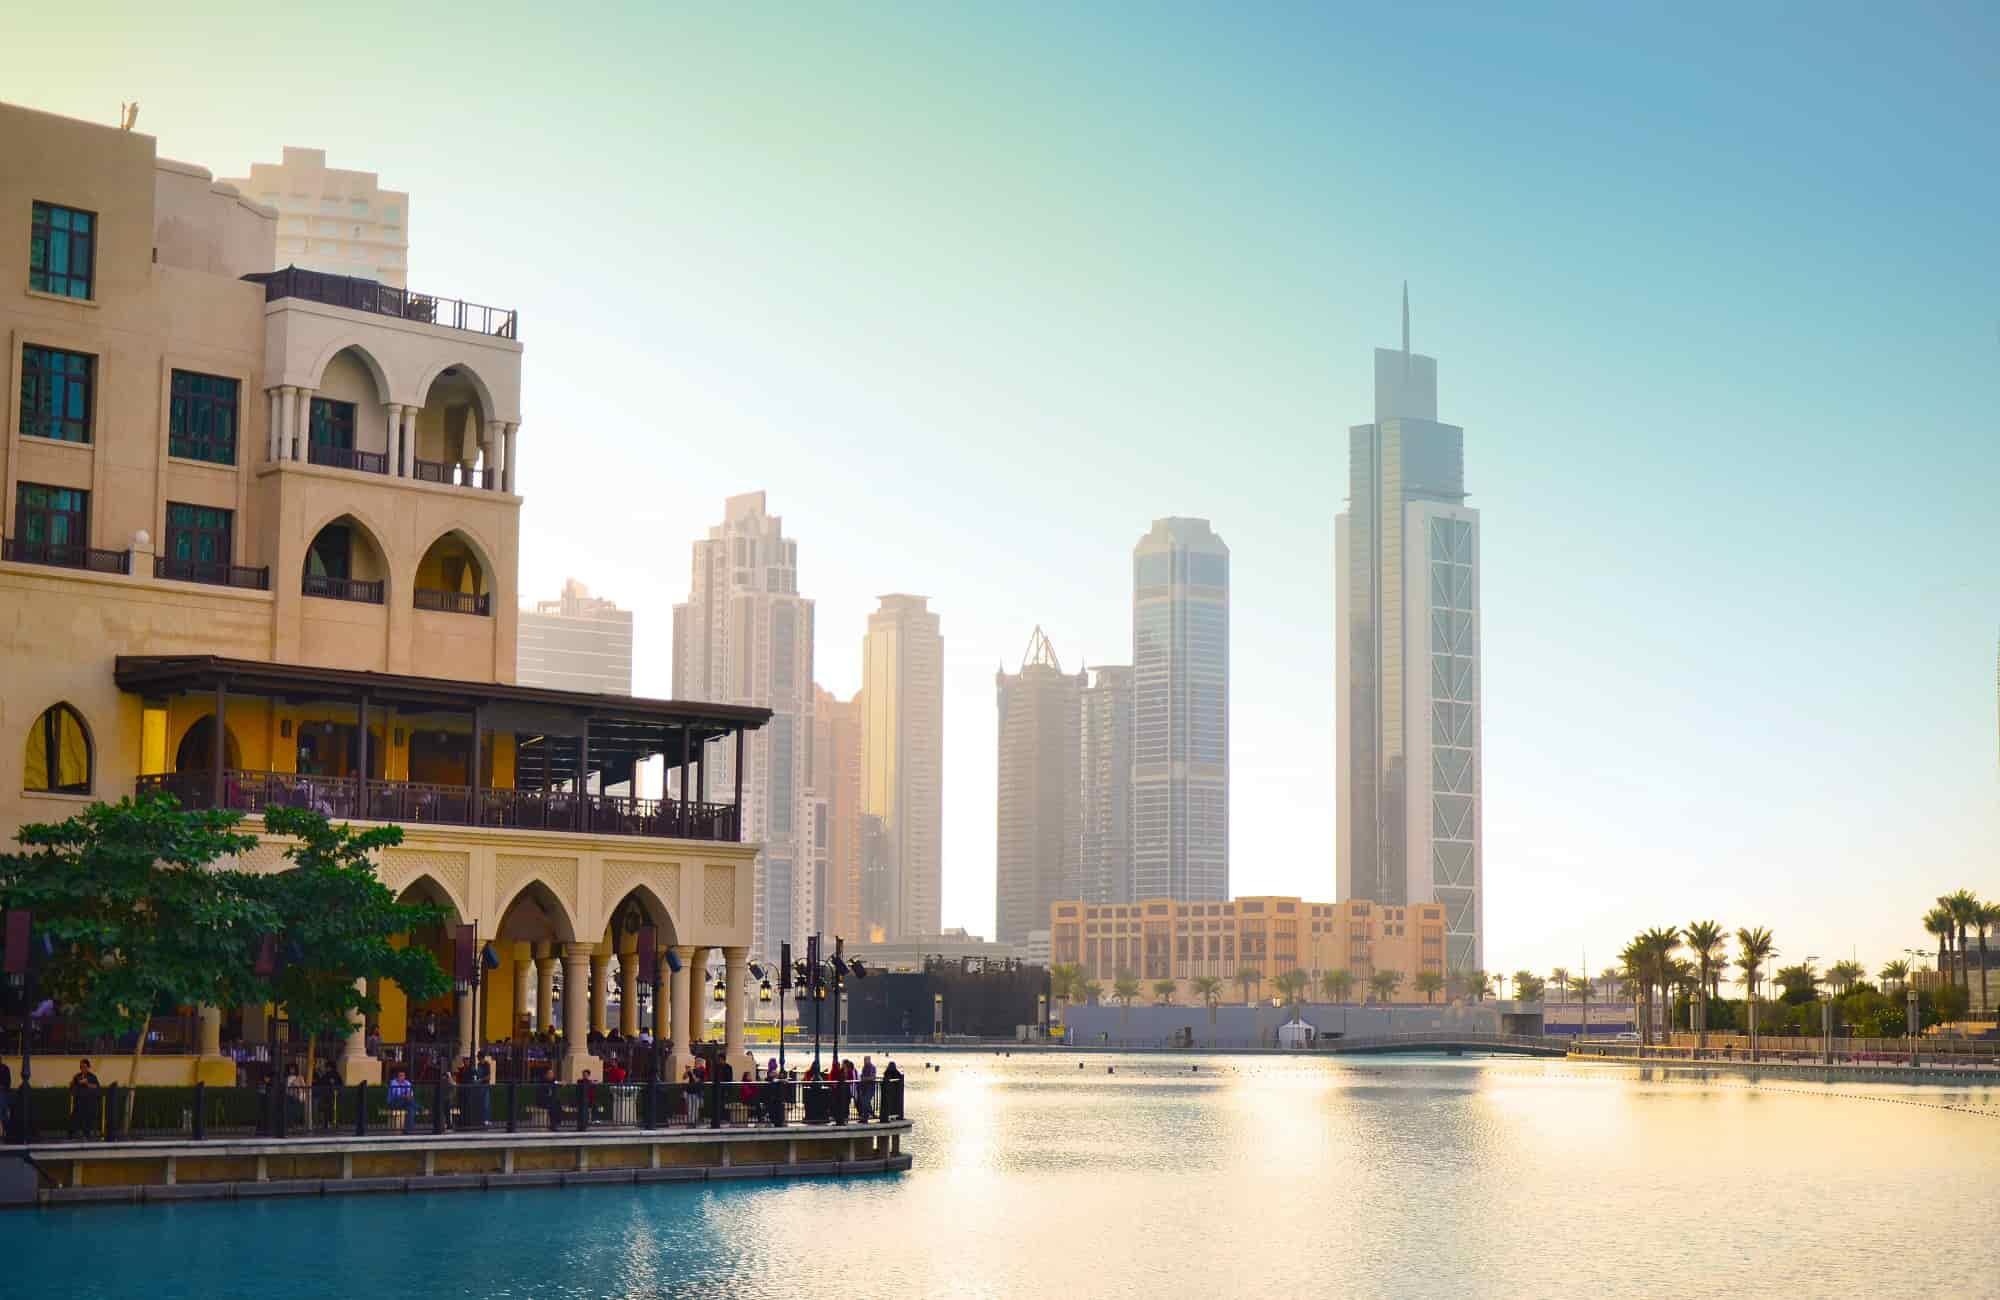 Voyage Dubaï - Les gratte-ciels de Dubaï - Amplitudes